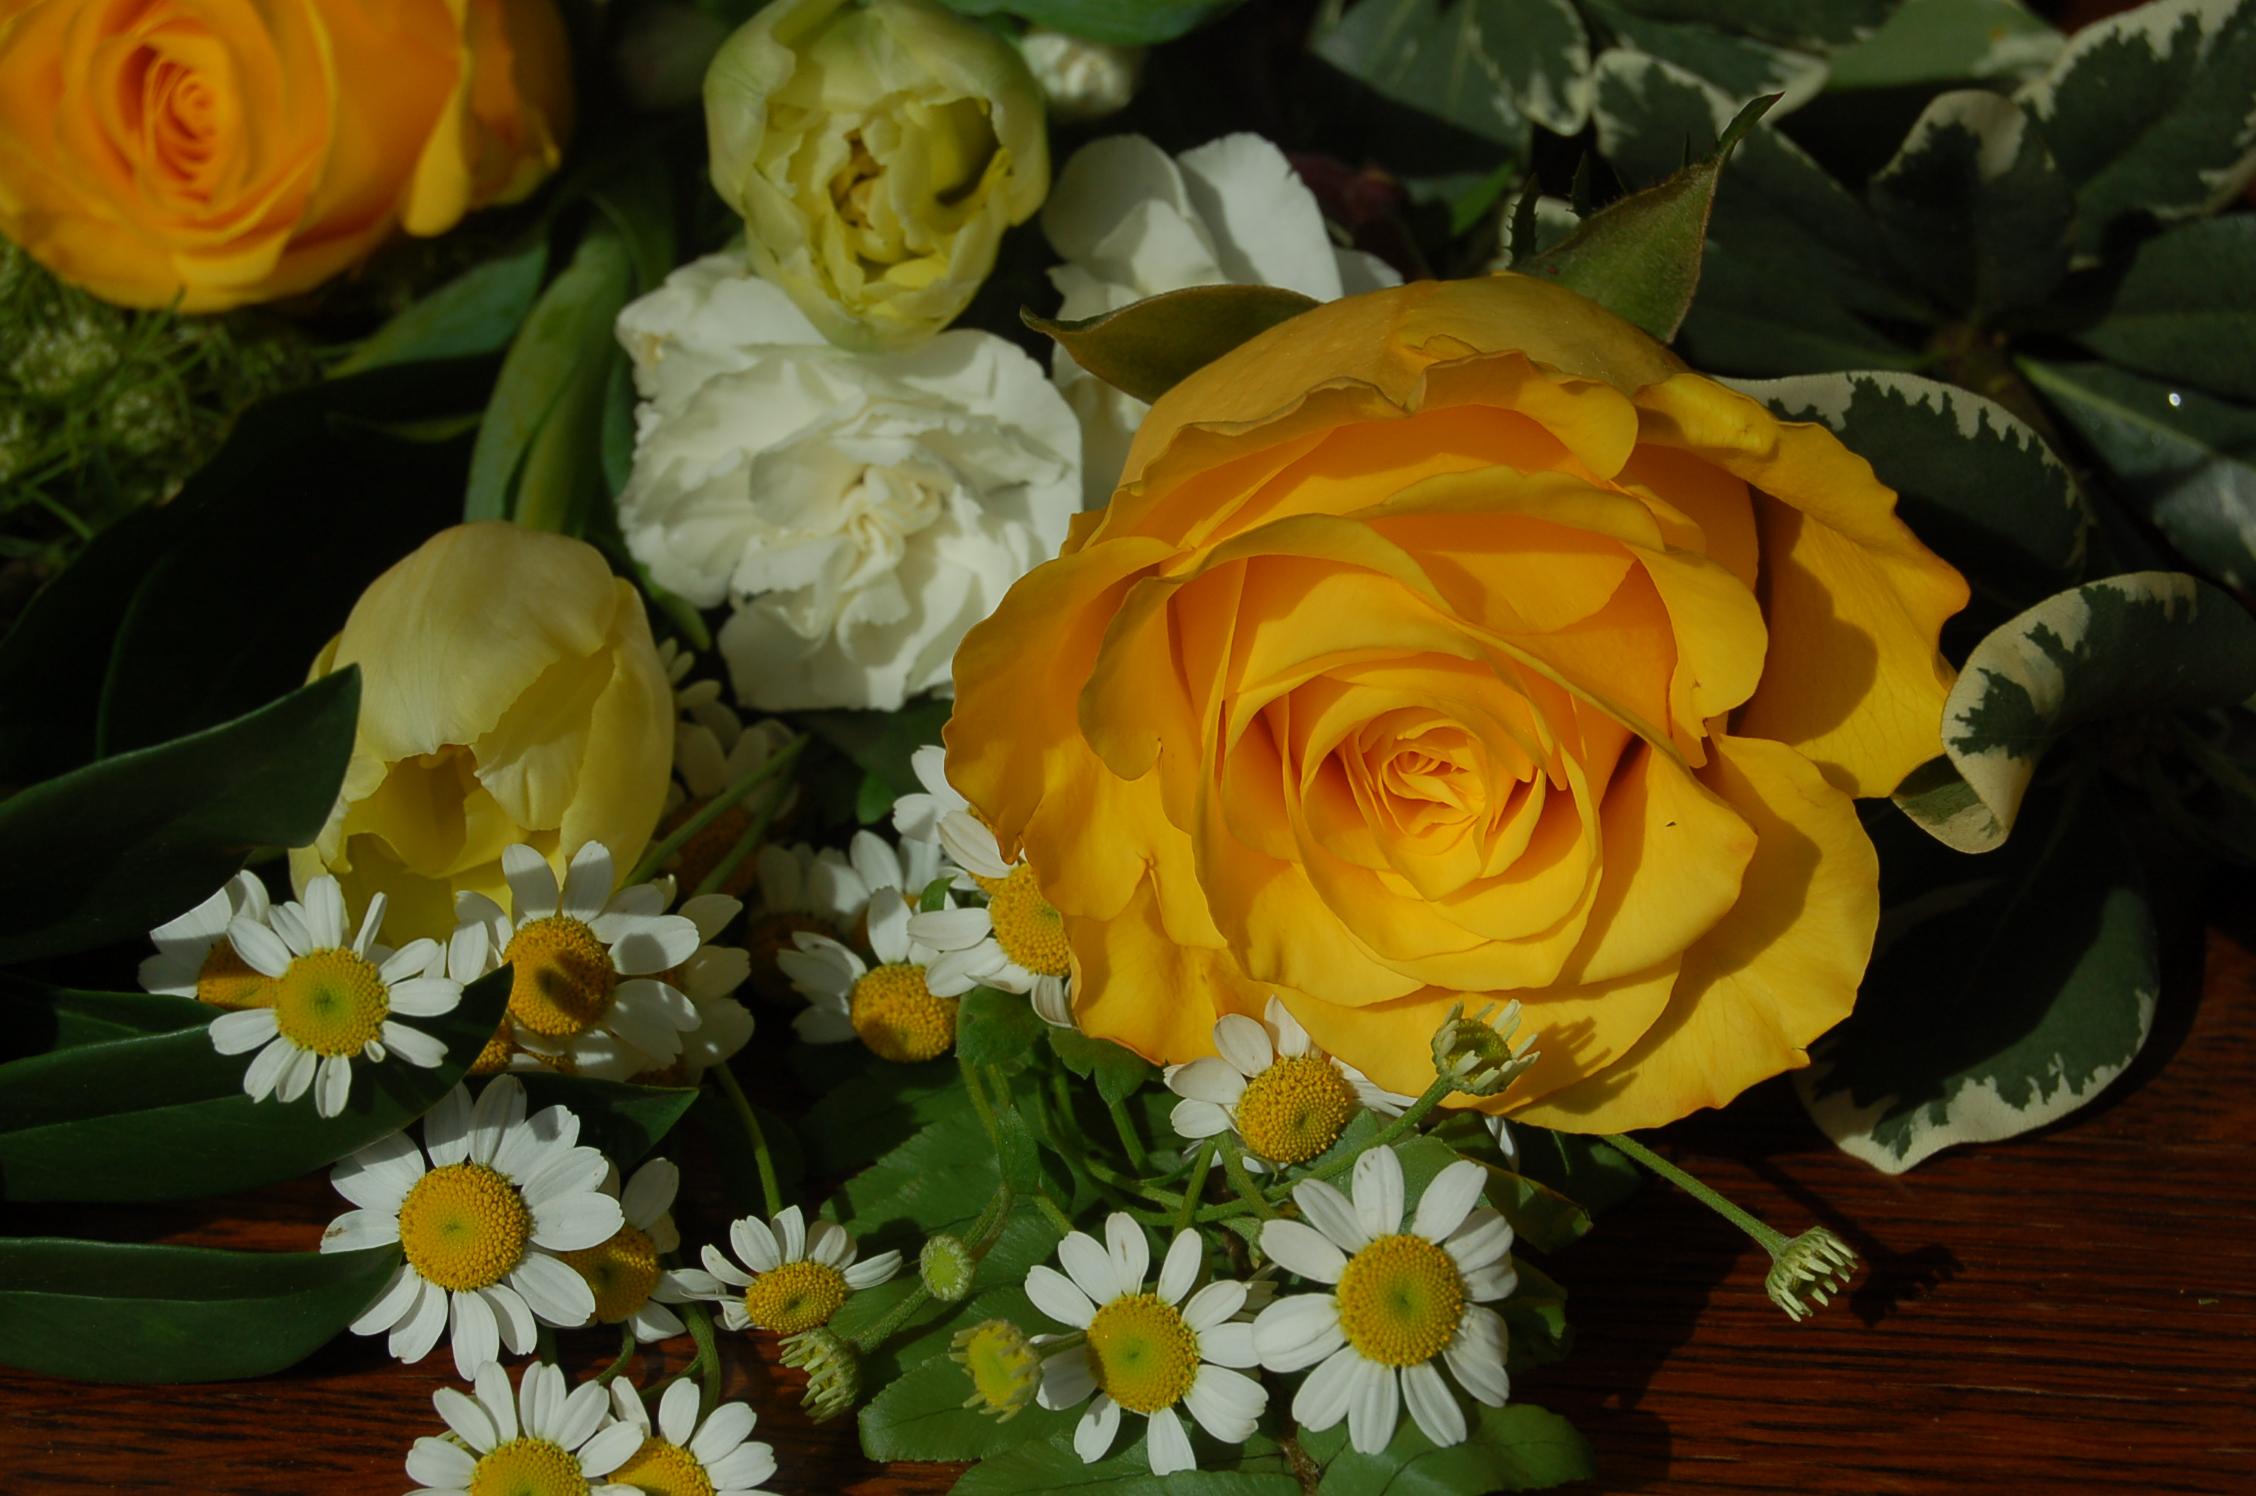 2005-10-04 12.01.09.jpg